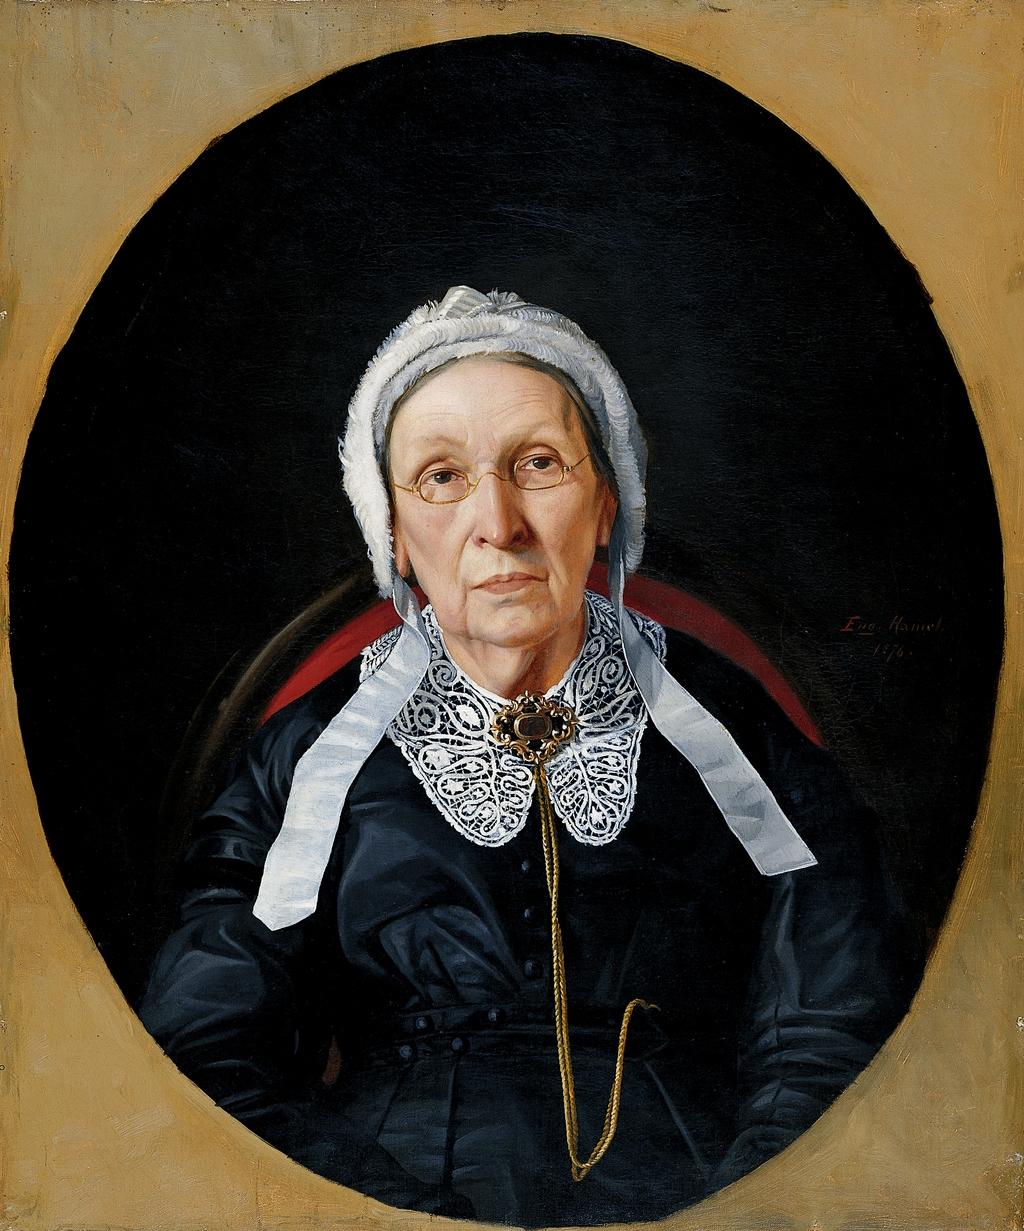 Madame Charles Lemieux, née Julie Gagnon